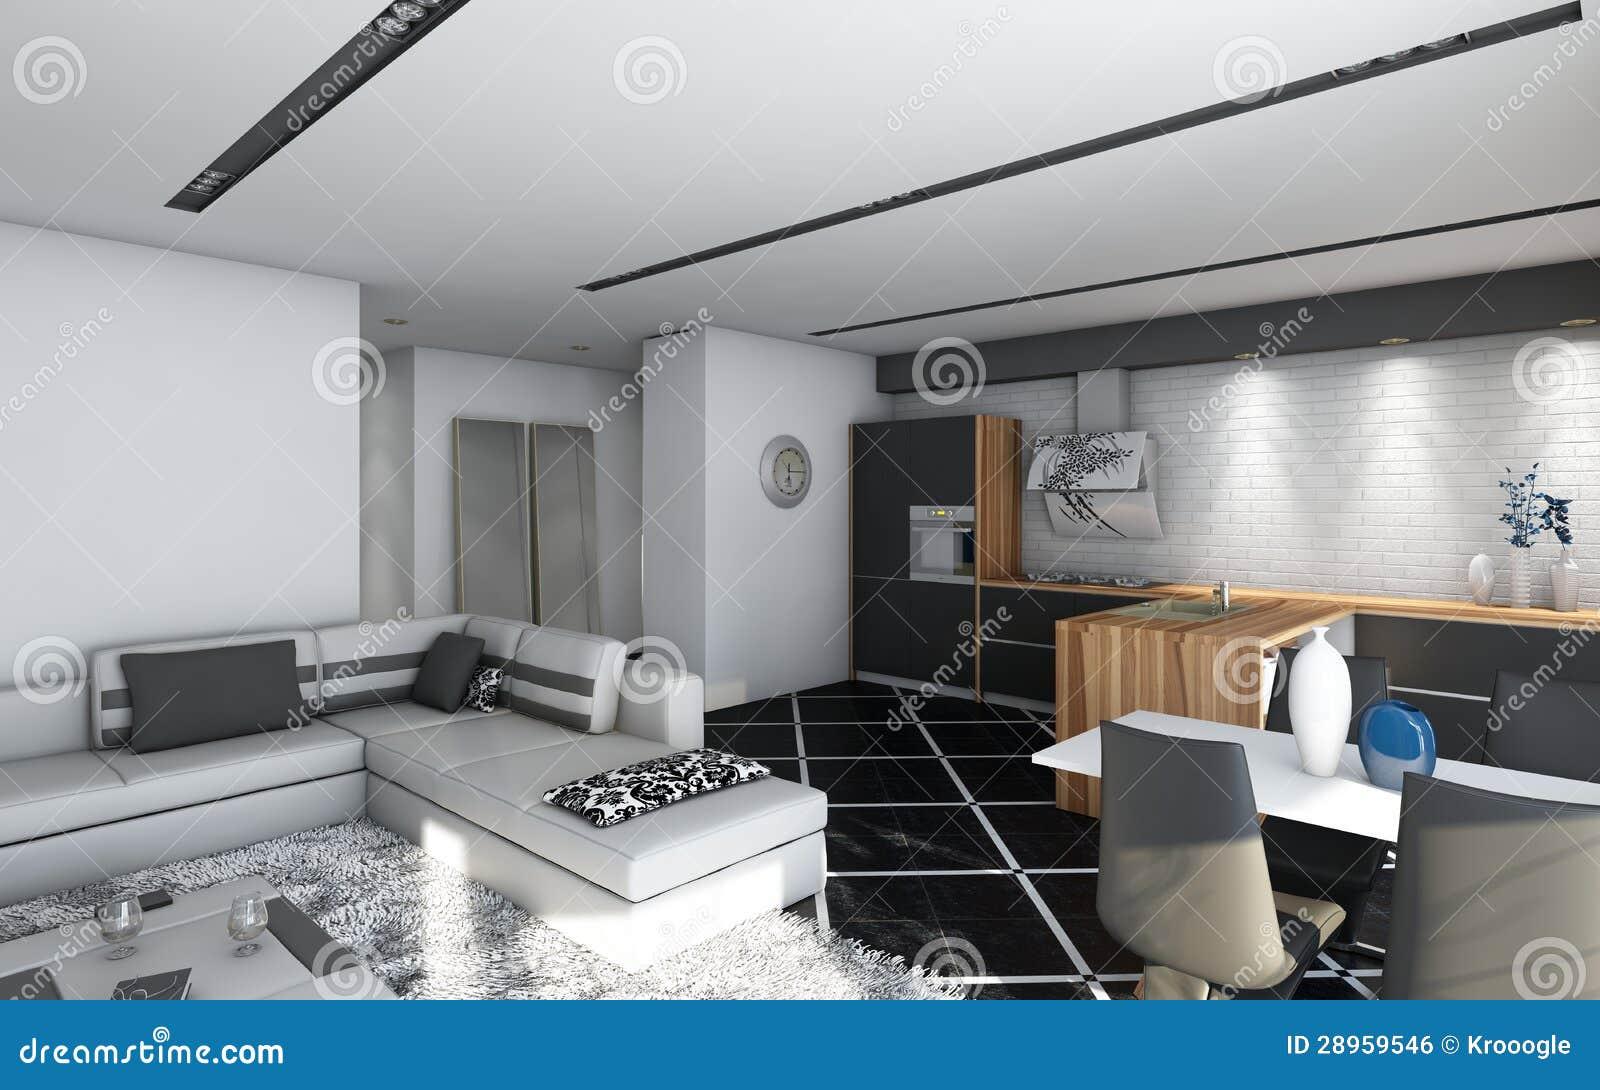 Zwarte Keuken Met Hout : Zwarte Keuken Royalty-vrije Stock Afbeelding – Afbeelding: 28959546